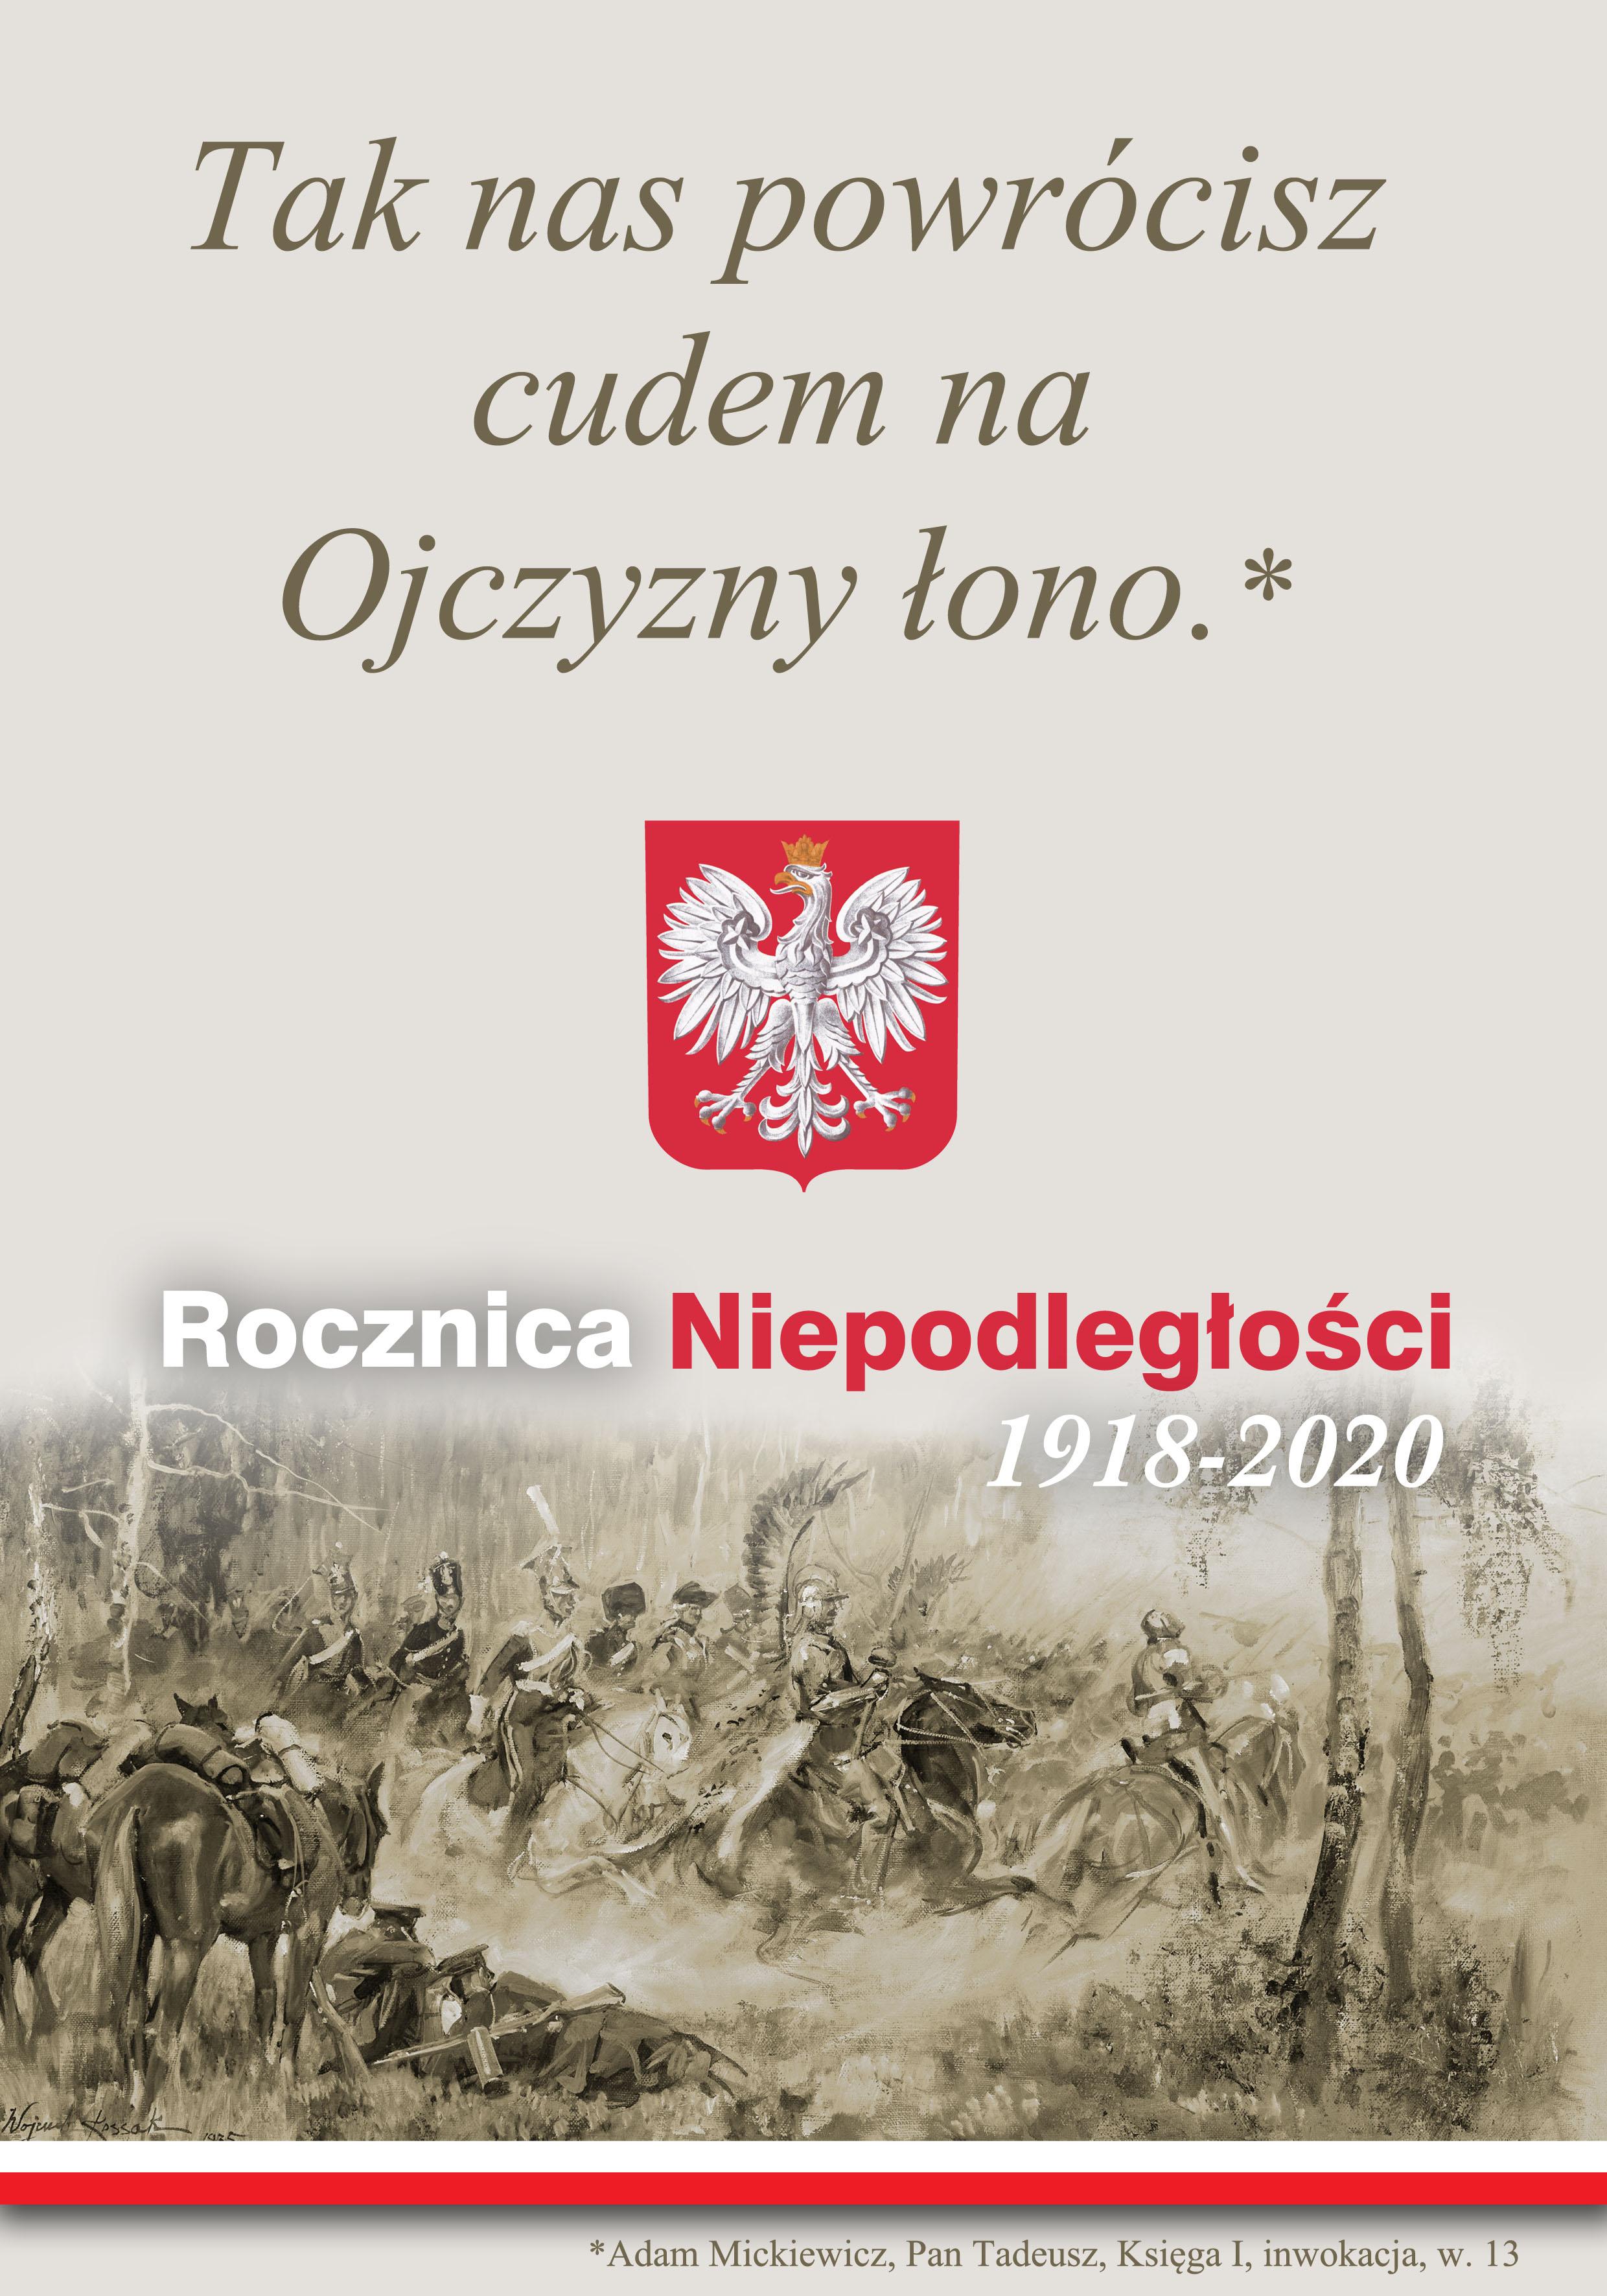 Rocznica Niepodległości